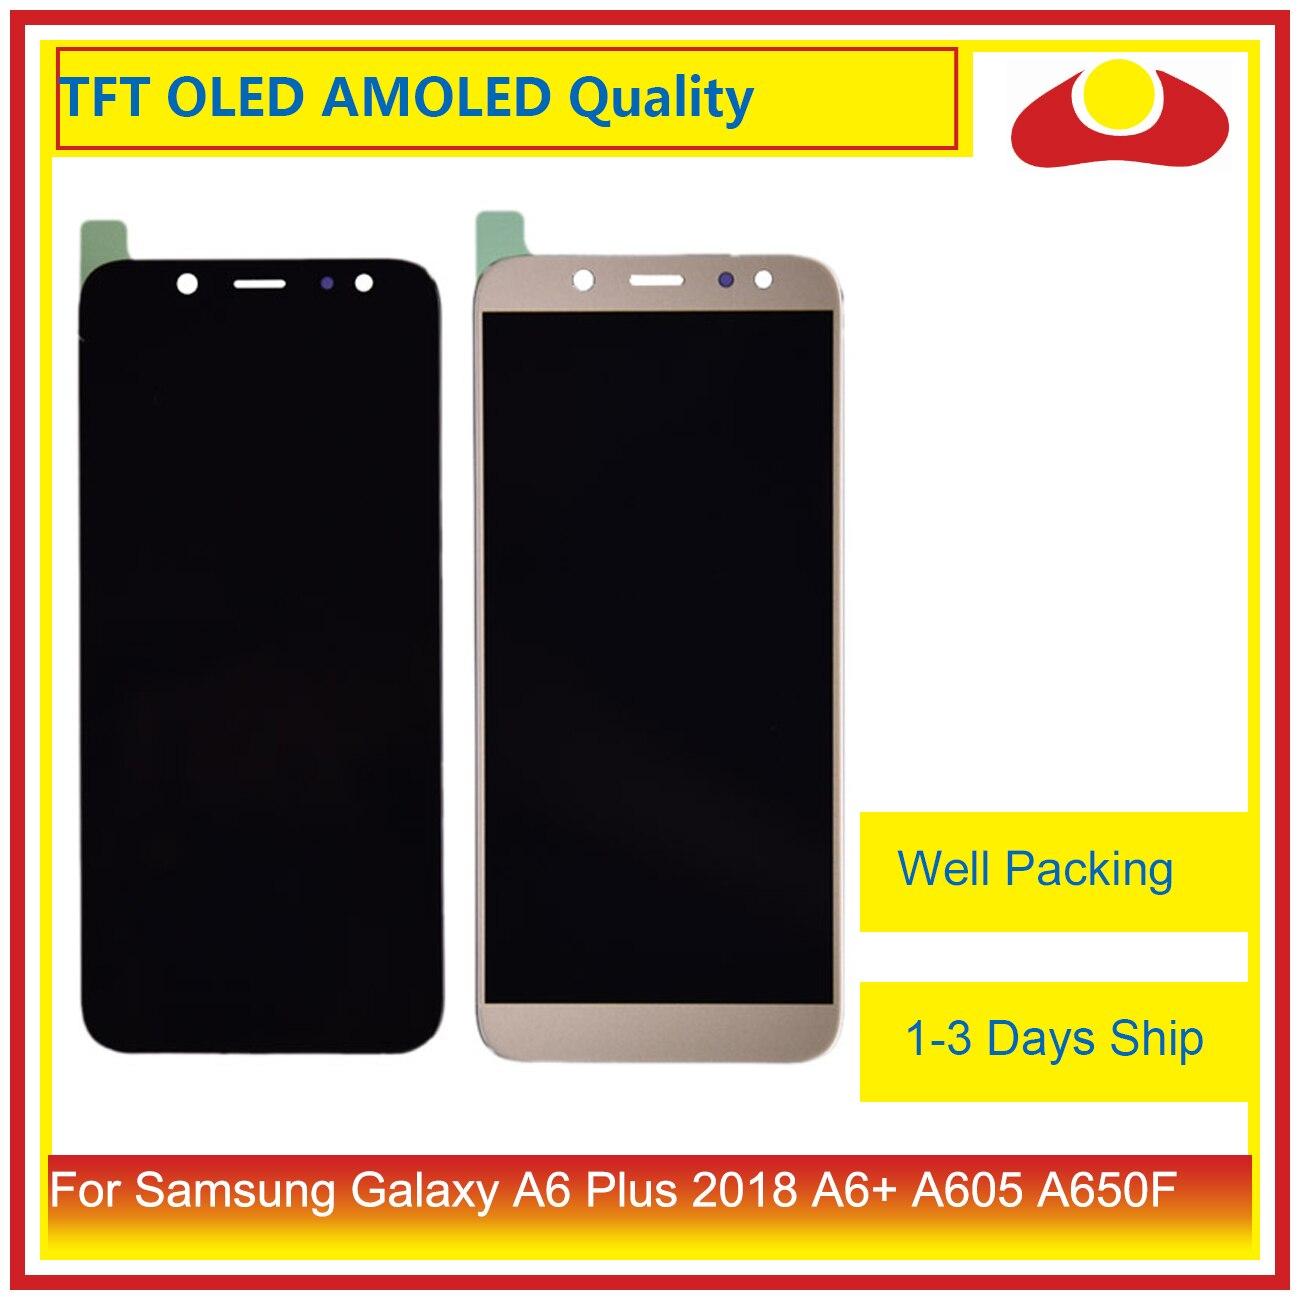 Оригинал для samsung Galaxy A6 Plus 2018 A605 A6 + ЖК дисплей с сенсорным экраном дигитайзер панель монитор в сборе-in ЖК-экраны для мобильного телефона from Мобильные телефоны и телекоммуникации